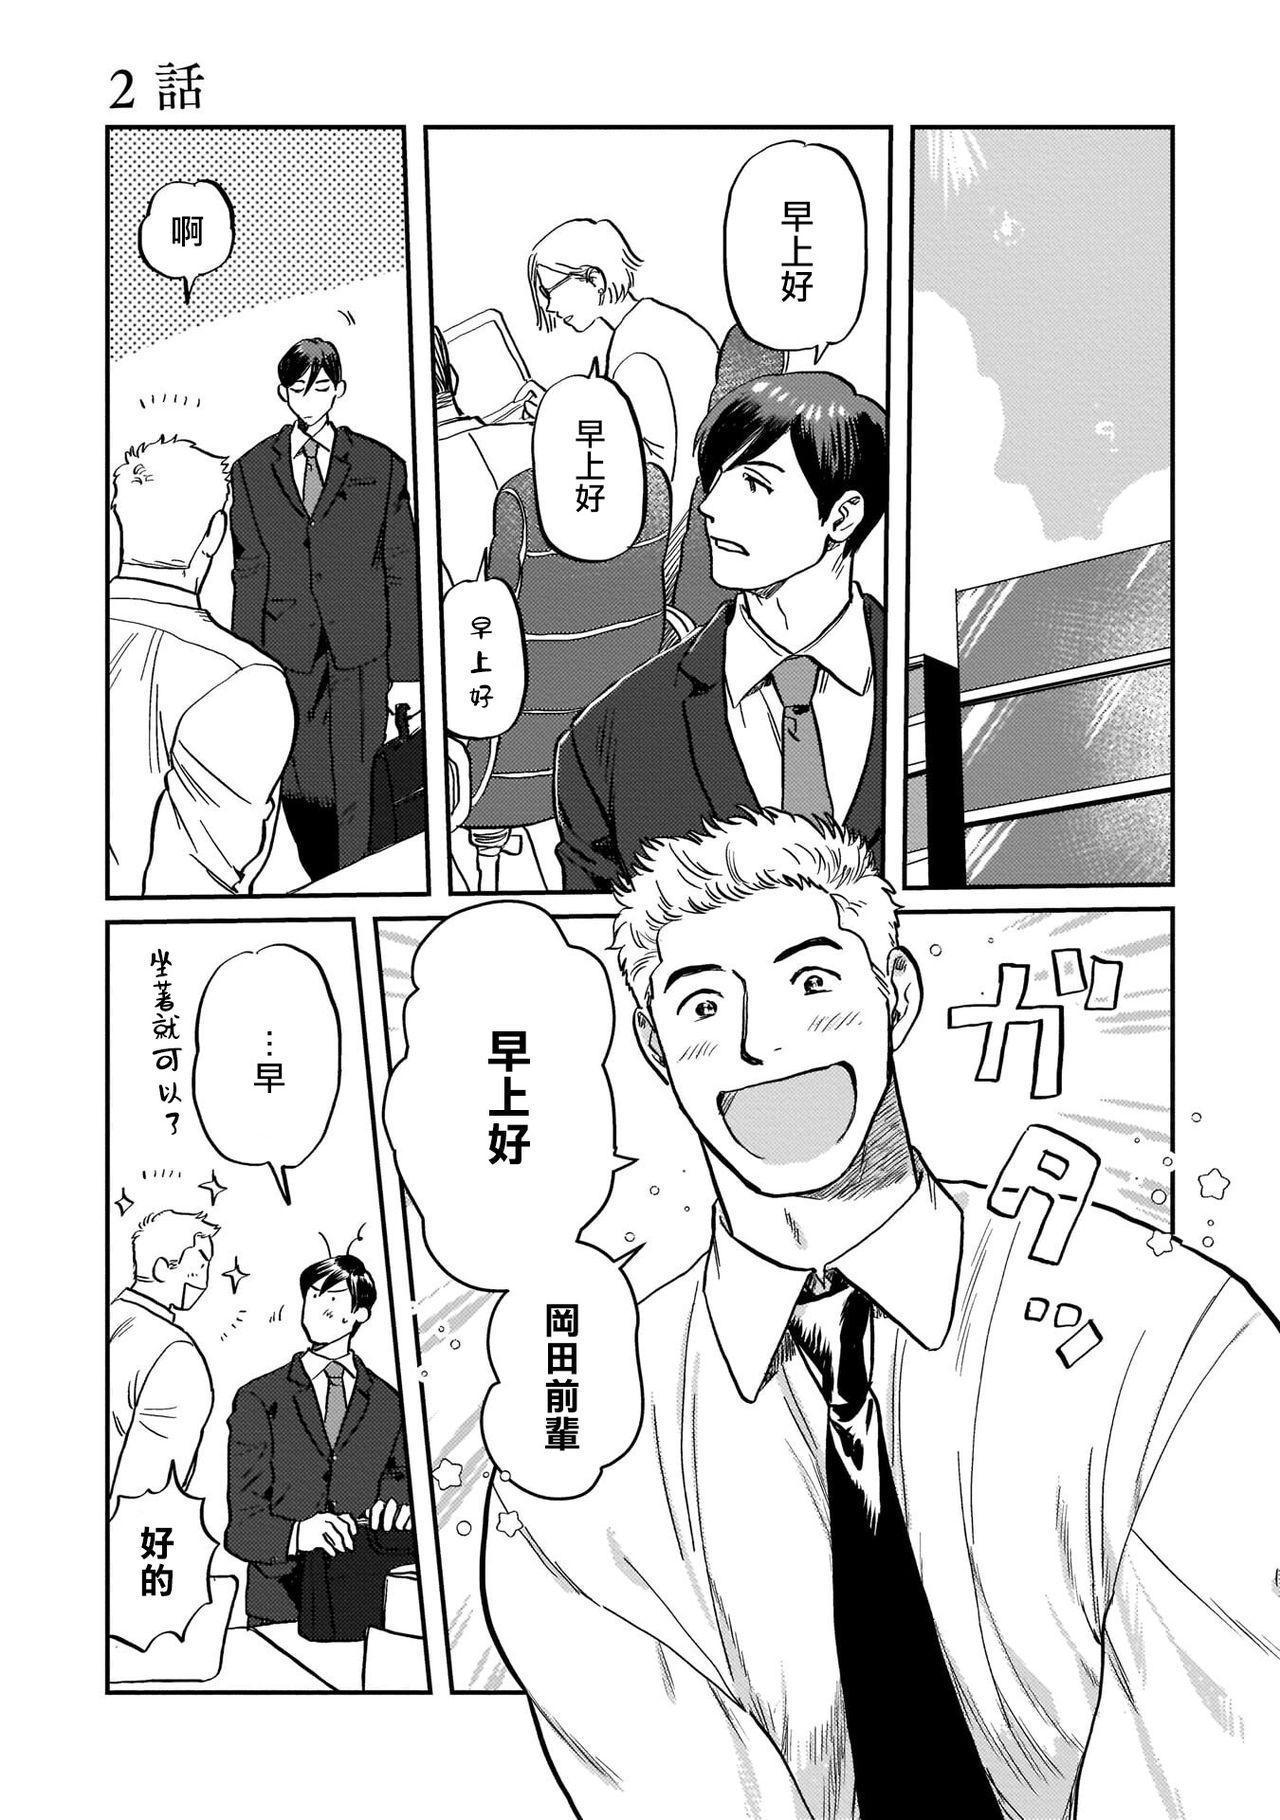 Kouhai no Oppai ga Suki Sugiru | 我太喜欢后辈的奶子了 Ch. 1-2 29